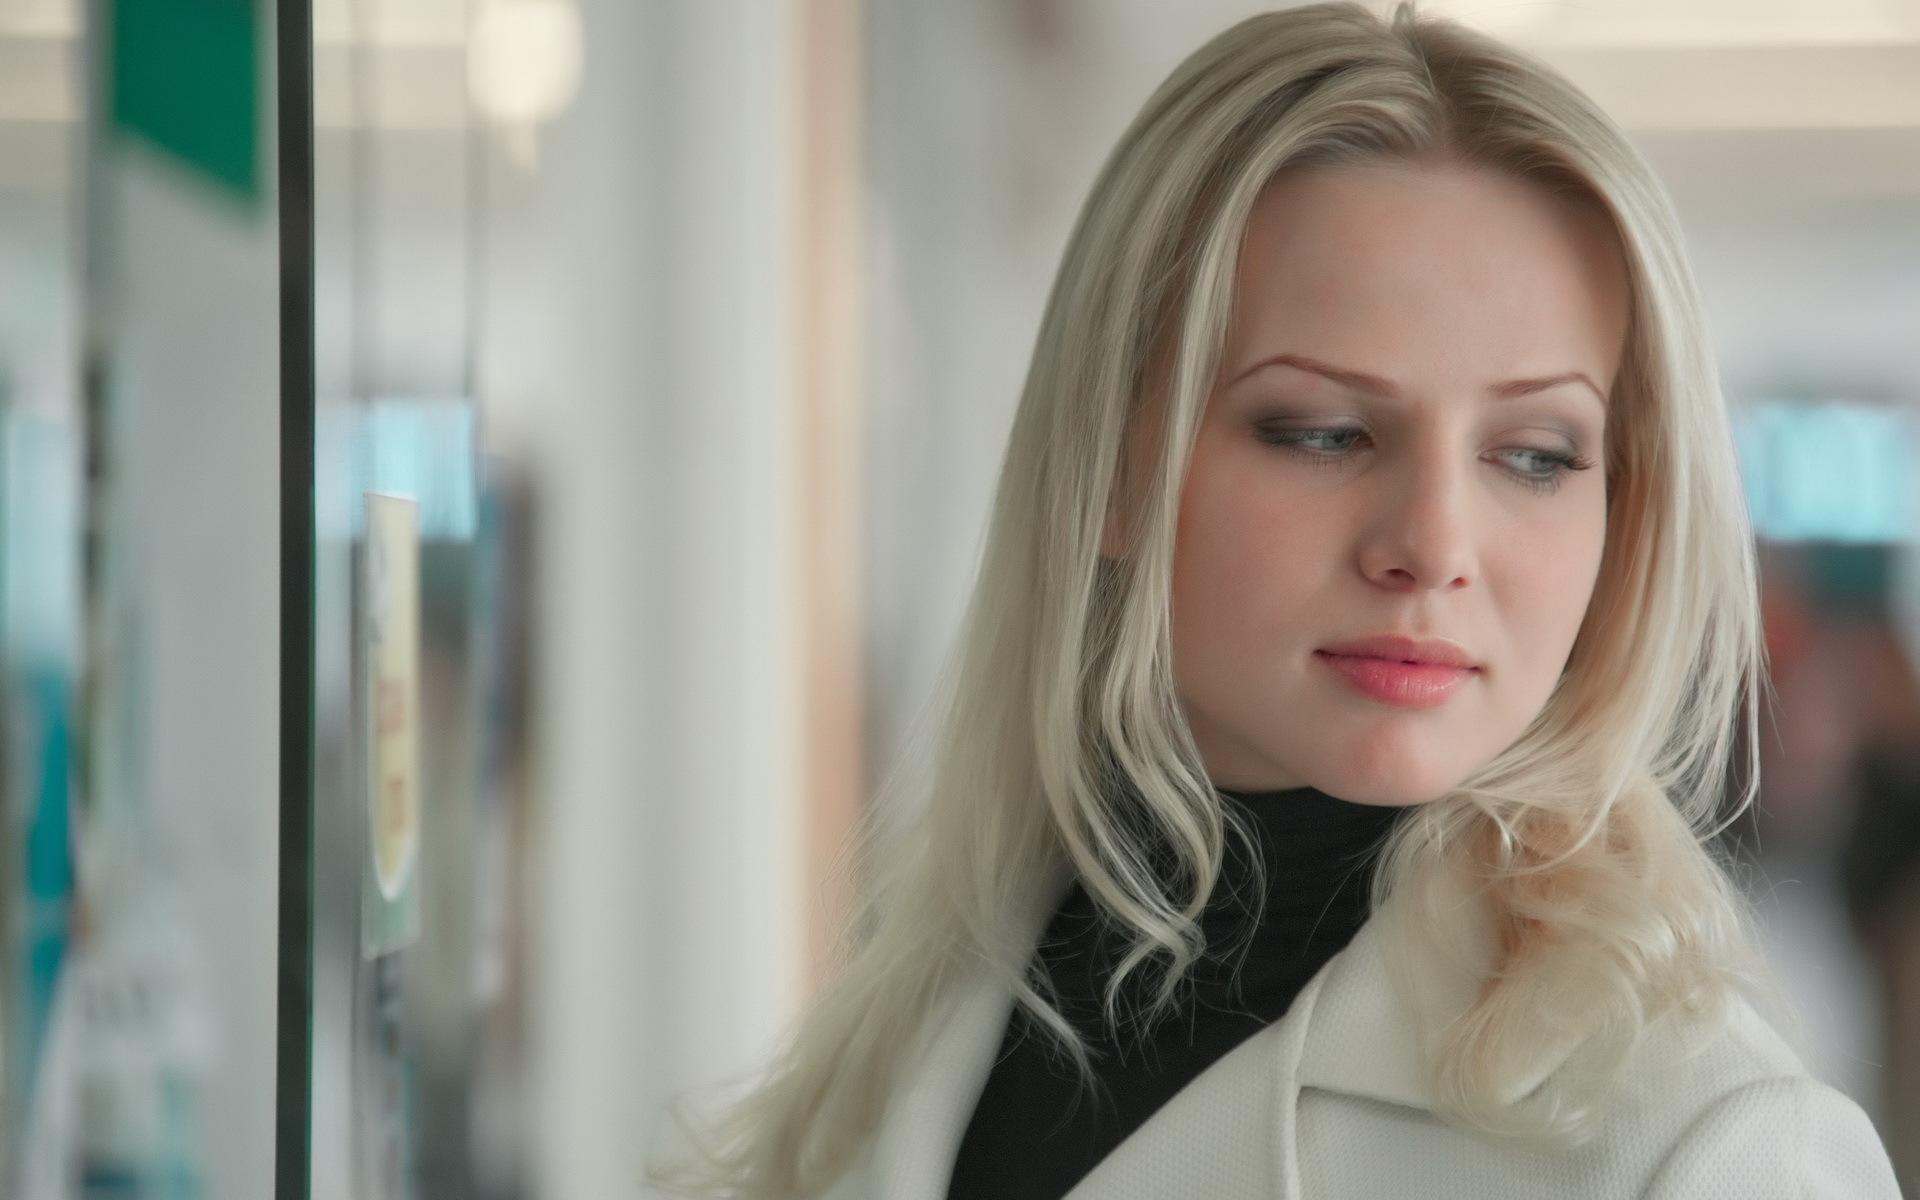 zhenshina-vzroslaya-foto